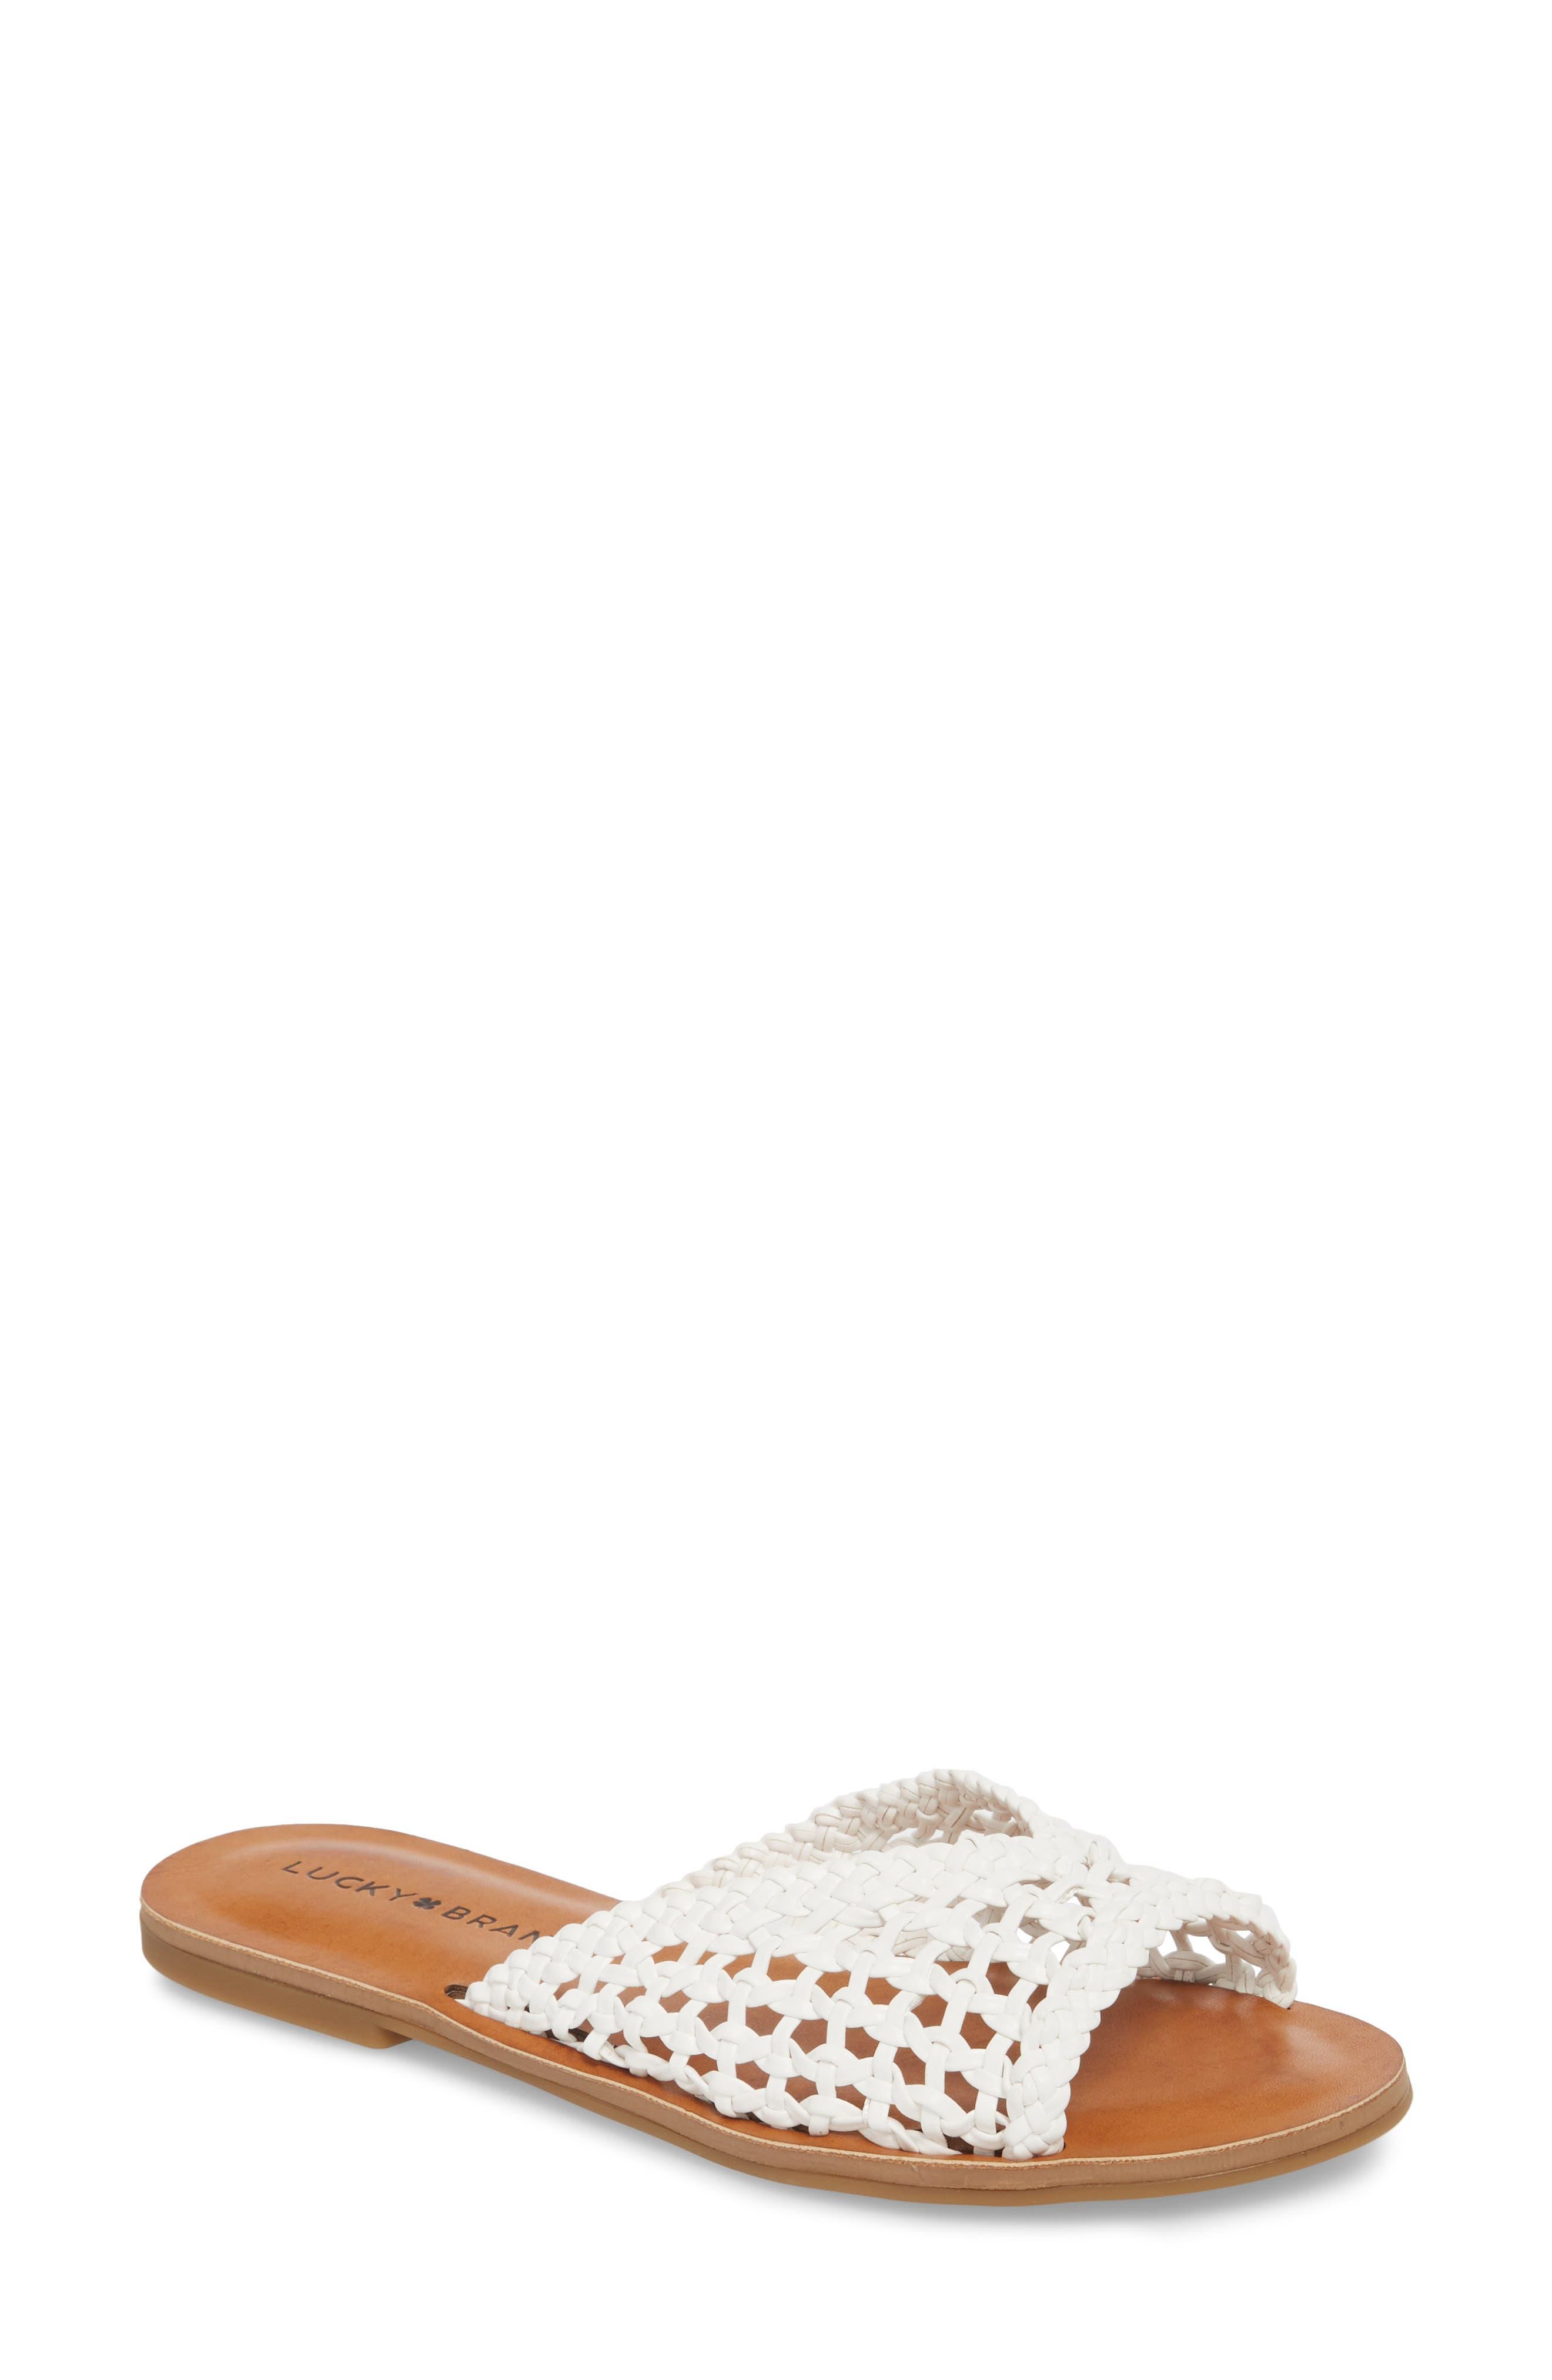 f9778940c02ba8 Women s Lucky Brand Flat Heeled Sandals